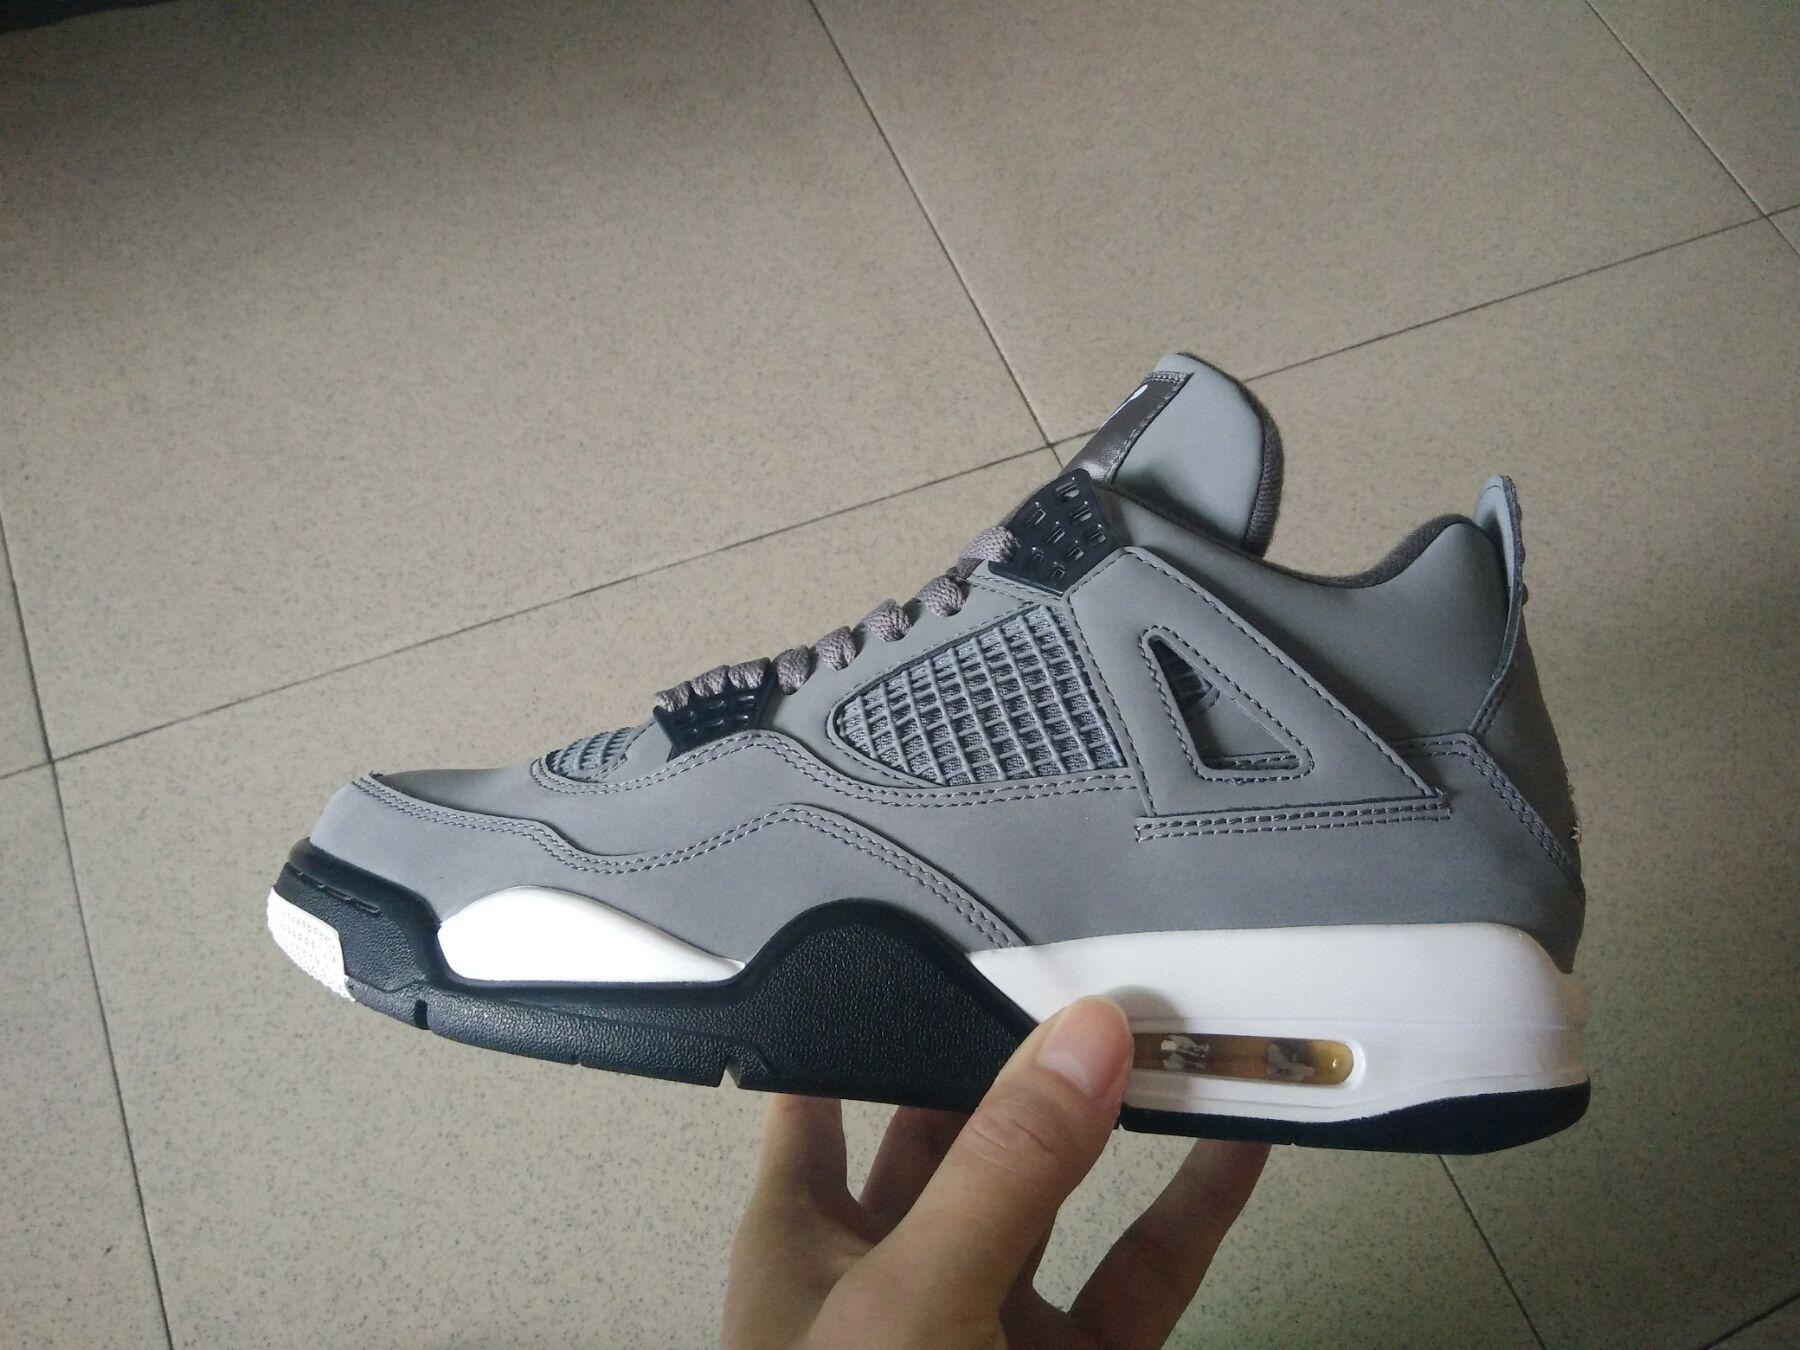 Siyah basketbol ayakkabı erkekler atletik ayakkabı Sneakers Serin Gri 308497-007